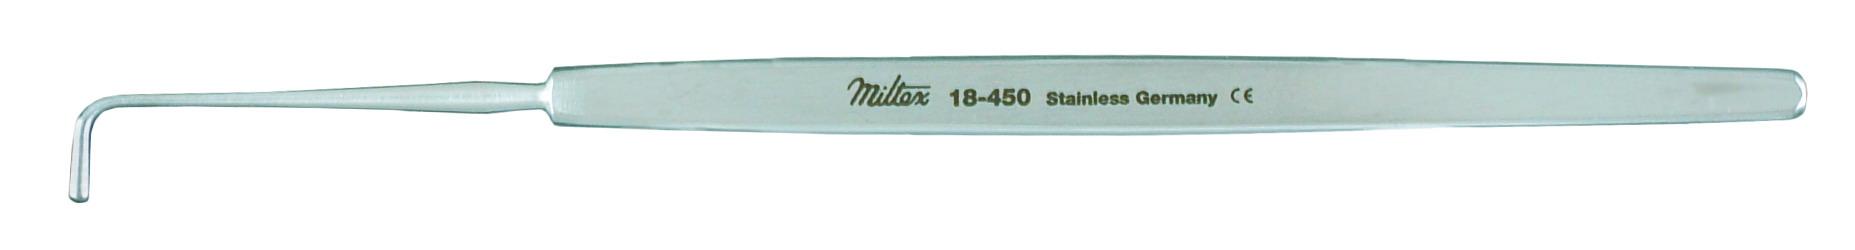 von-graefe-strabismus-hook-5-1-2-14-cm-small-size-8-mm-lon-18-450-miltex.jpg